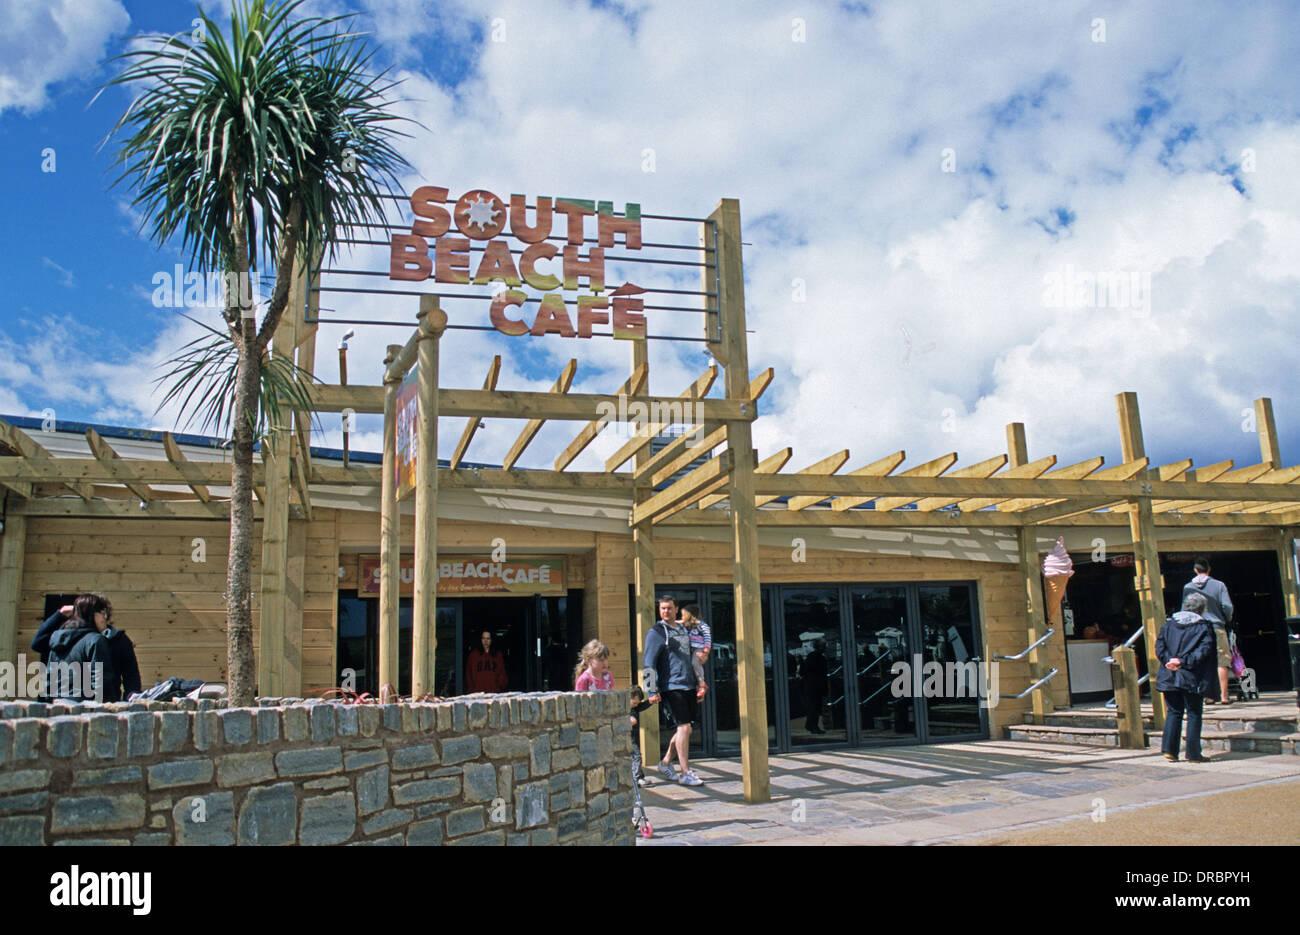 Sandy Beach Mobile Home Park